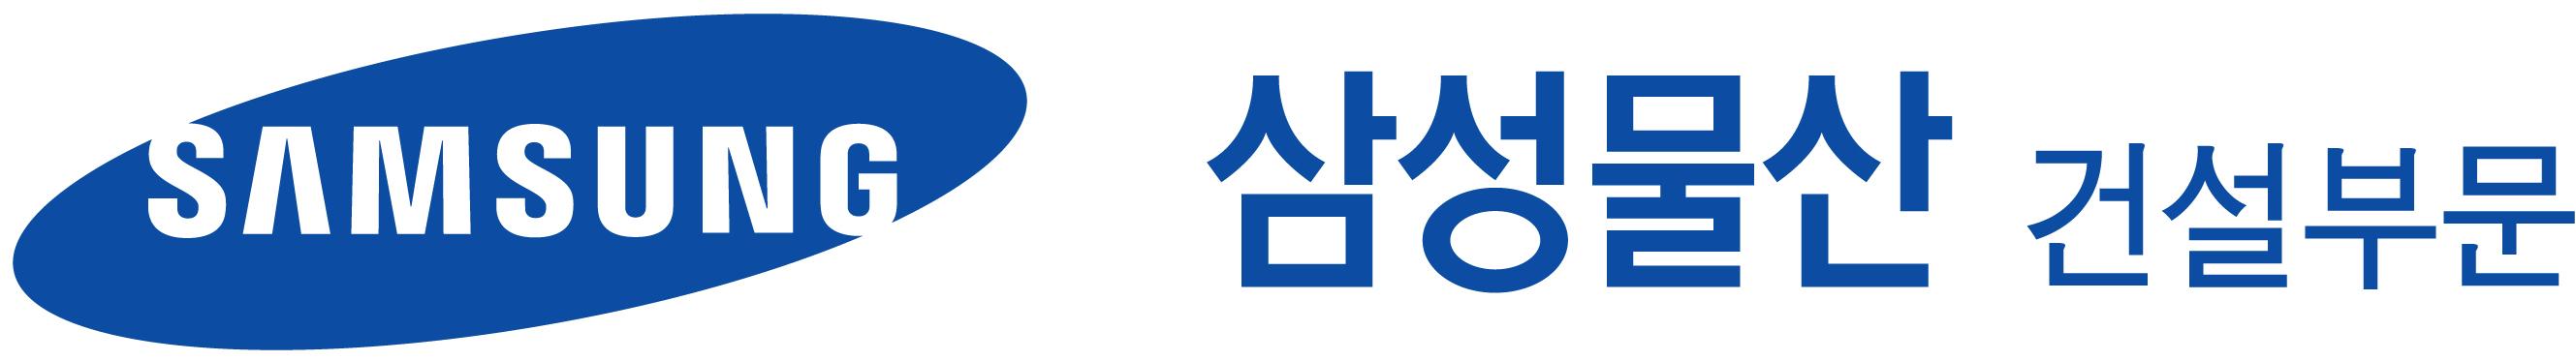 Samsung-CT-Banner-ads